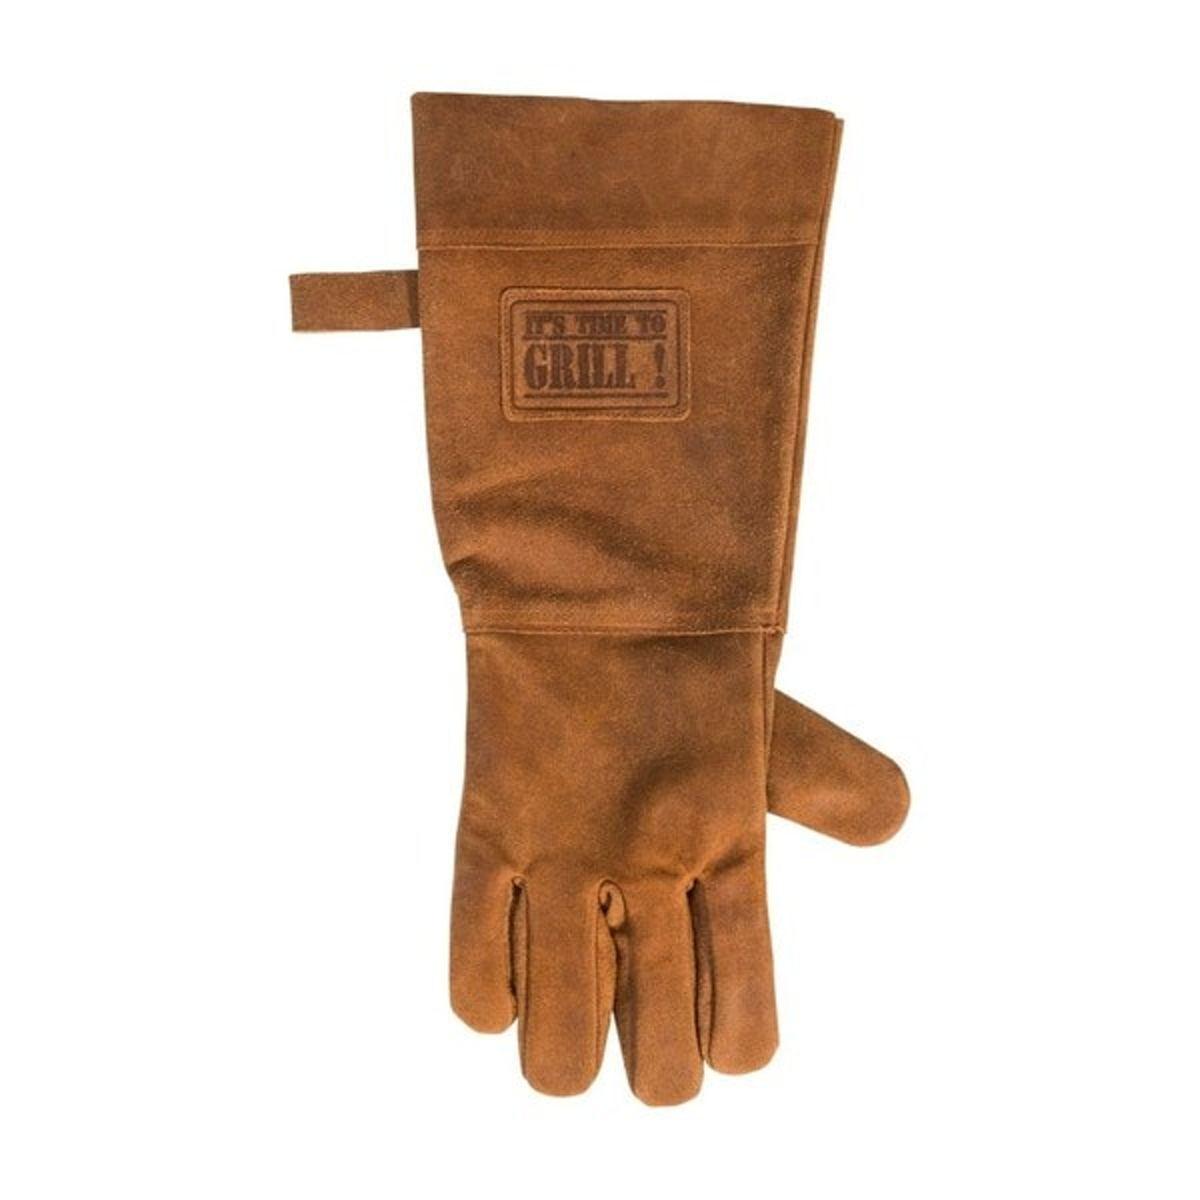 Leren Handschoen Barbecue Licht Bruin / Cognac   BBQ Lederen Handschoen Rechts   Vaderdag Kados   Hittebestendige BBQ & Over handschoen – Extra groot voor betere bescherming   Gevoerd   kopen